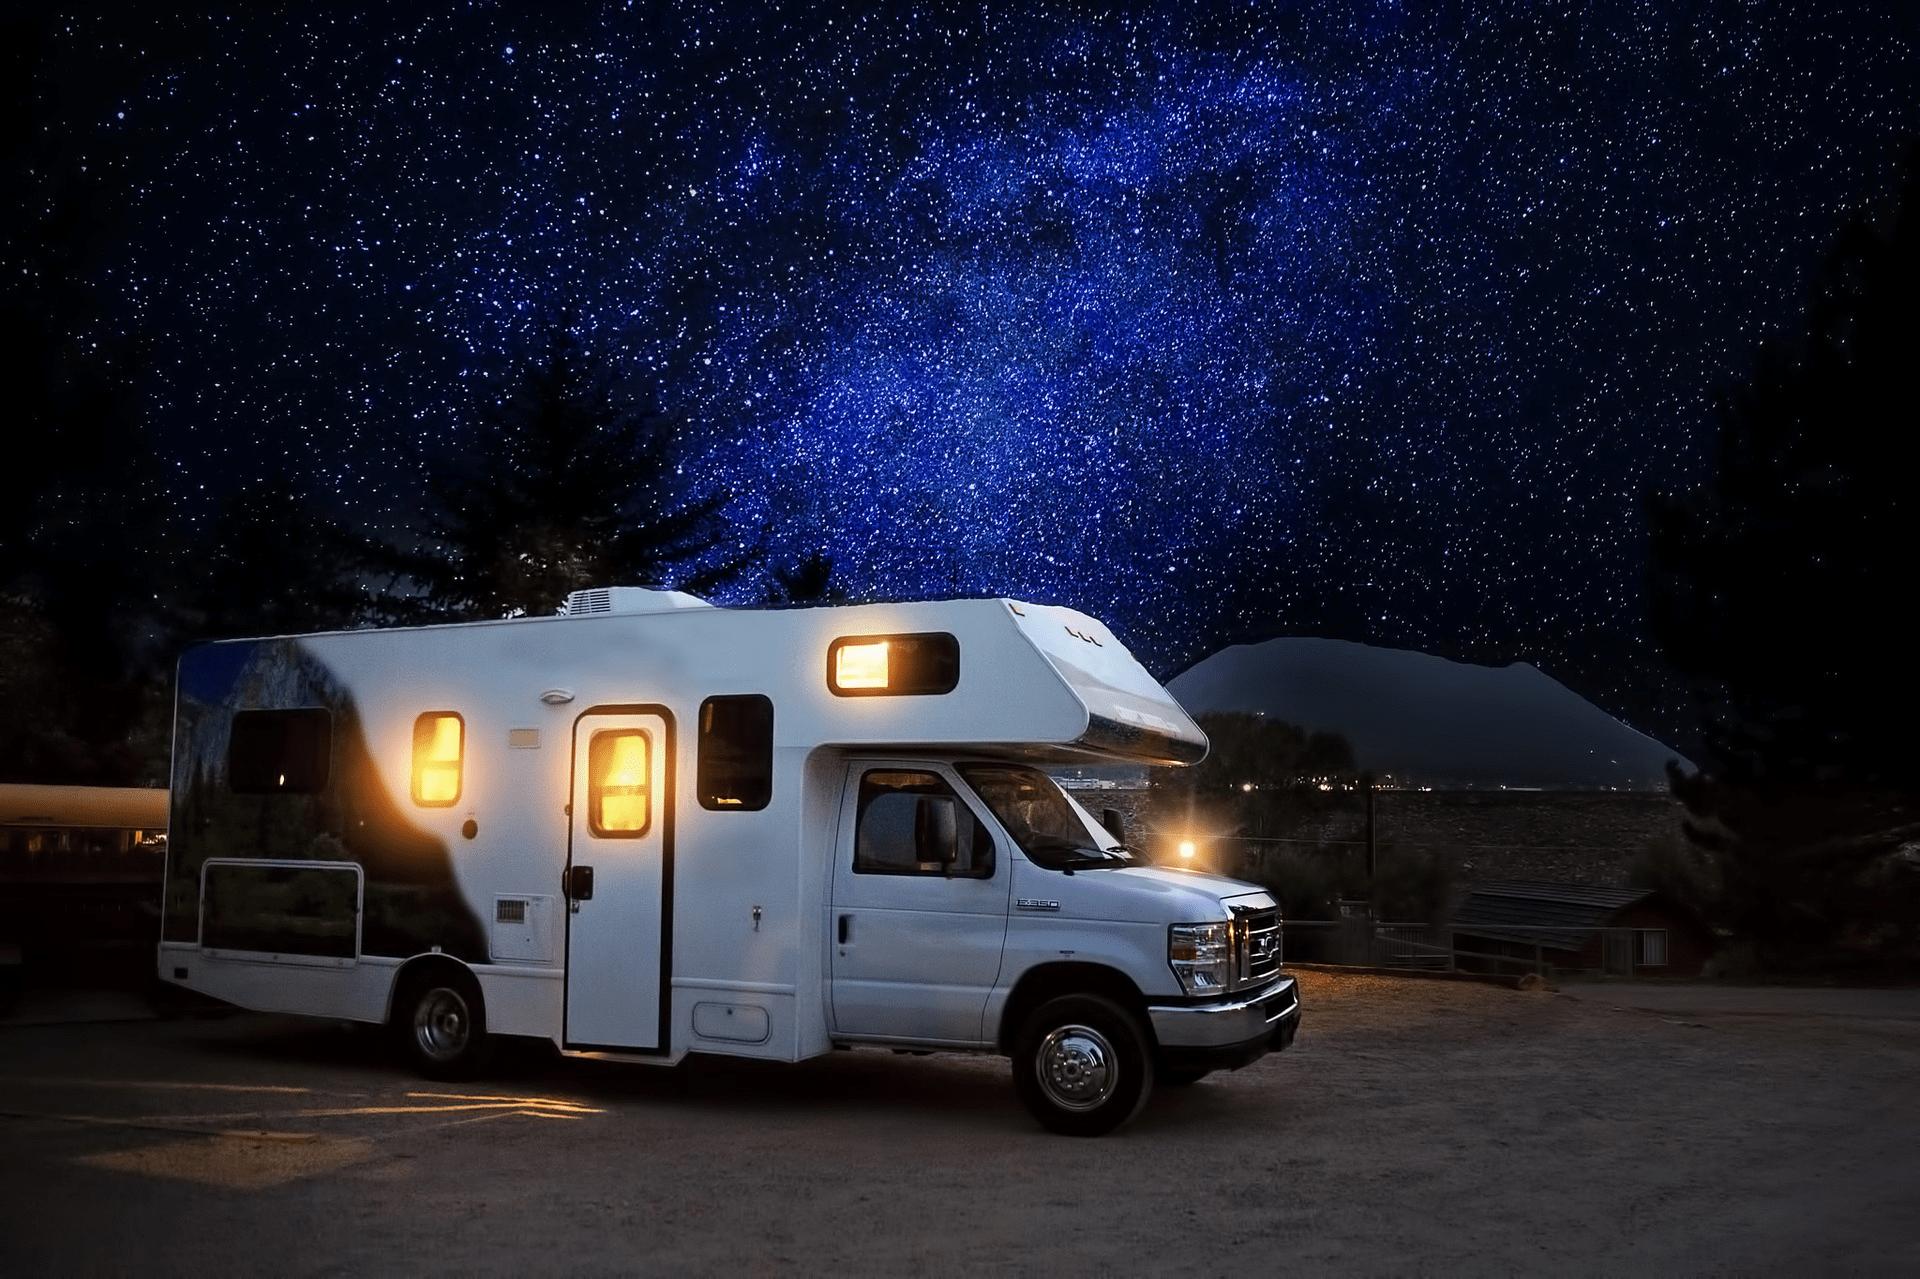 Skal du have campingvognen gjort klar til festival?